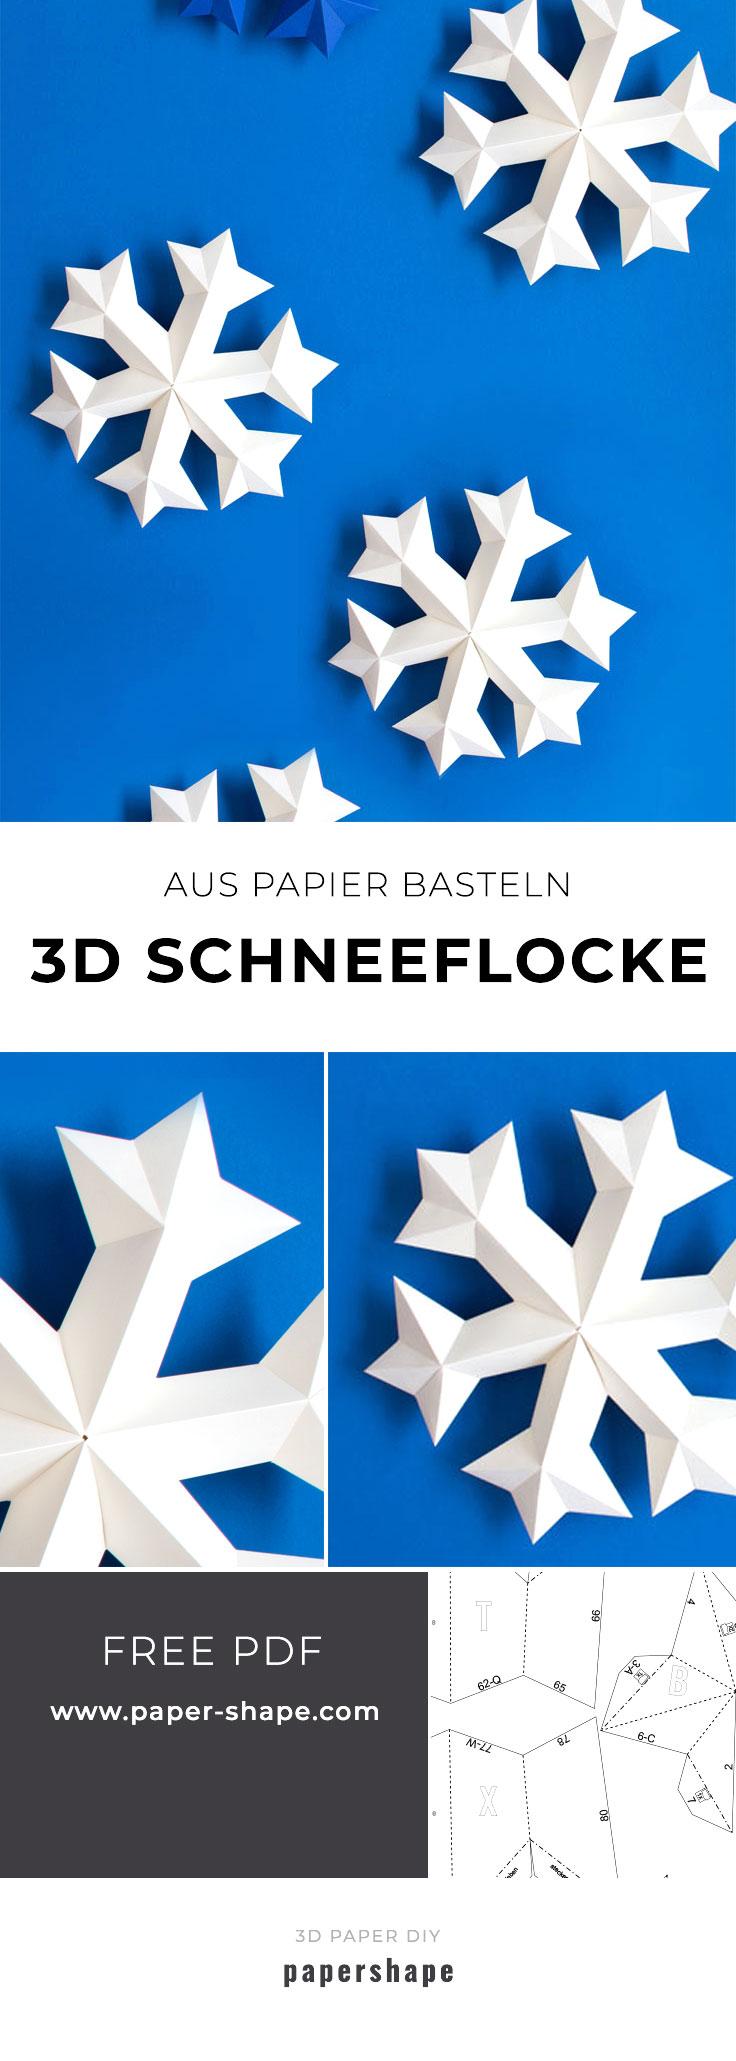 3d schneeflocke aus papier basteln kostenlose vorlage papershape. Black Bedroom Furniture Sets. Home Design Ideas